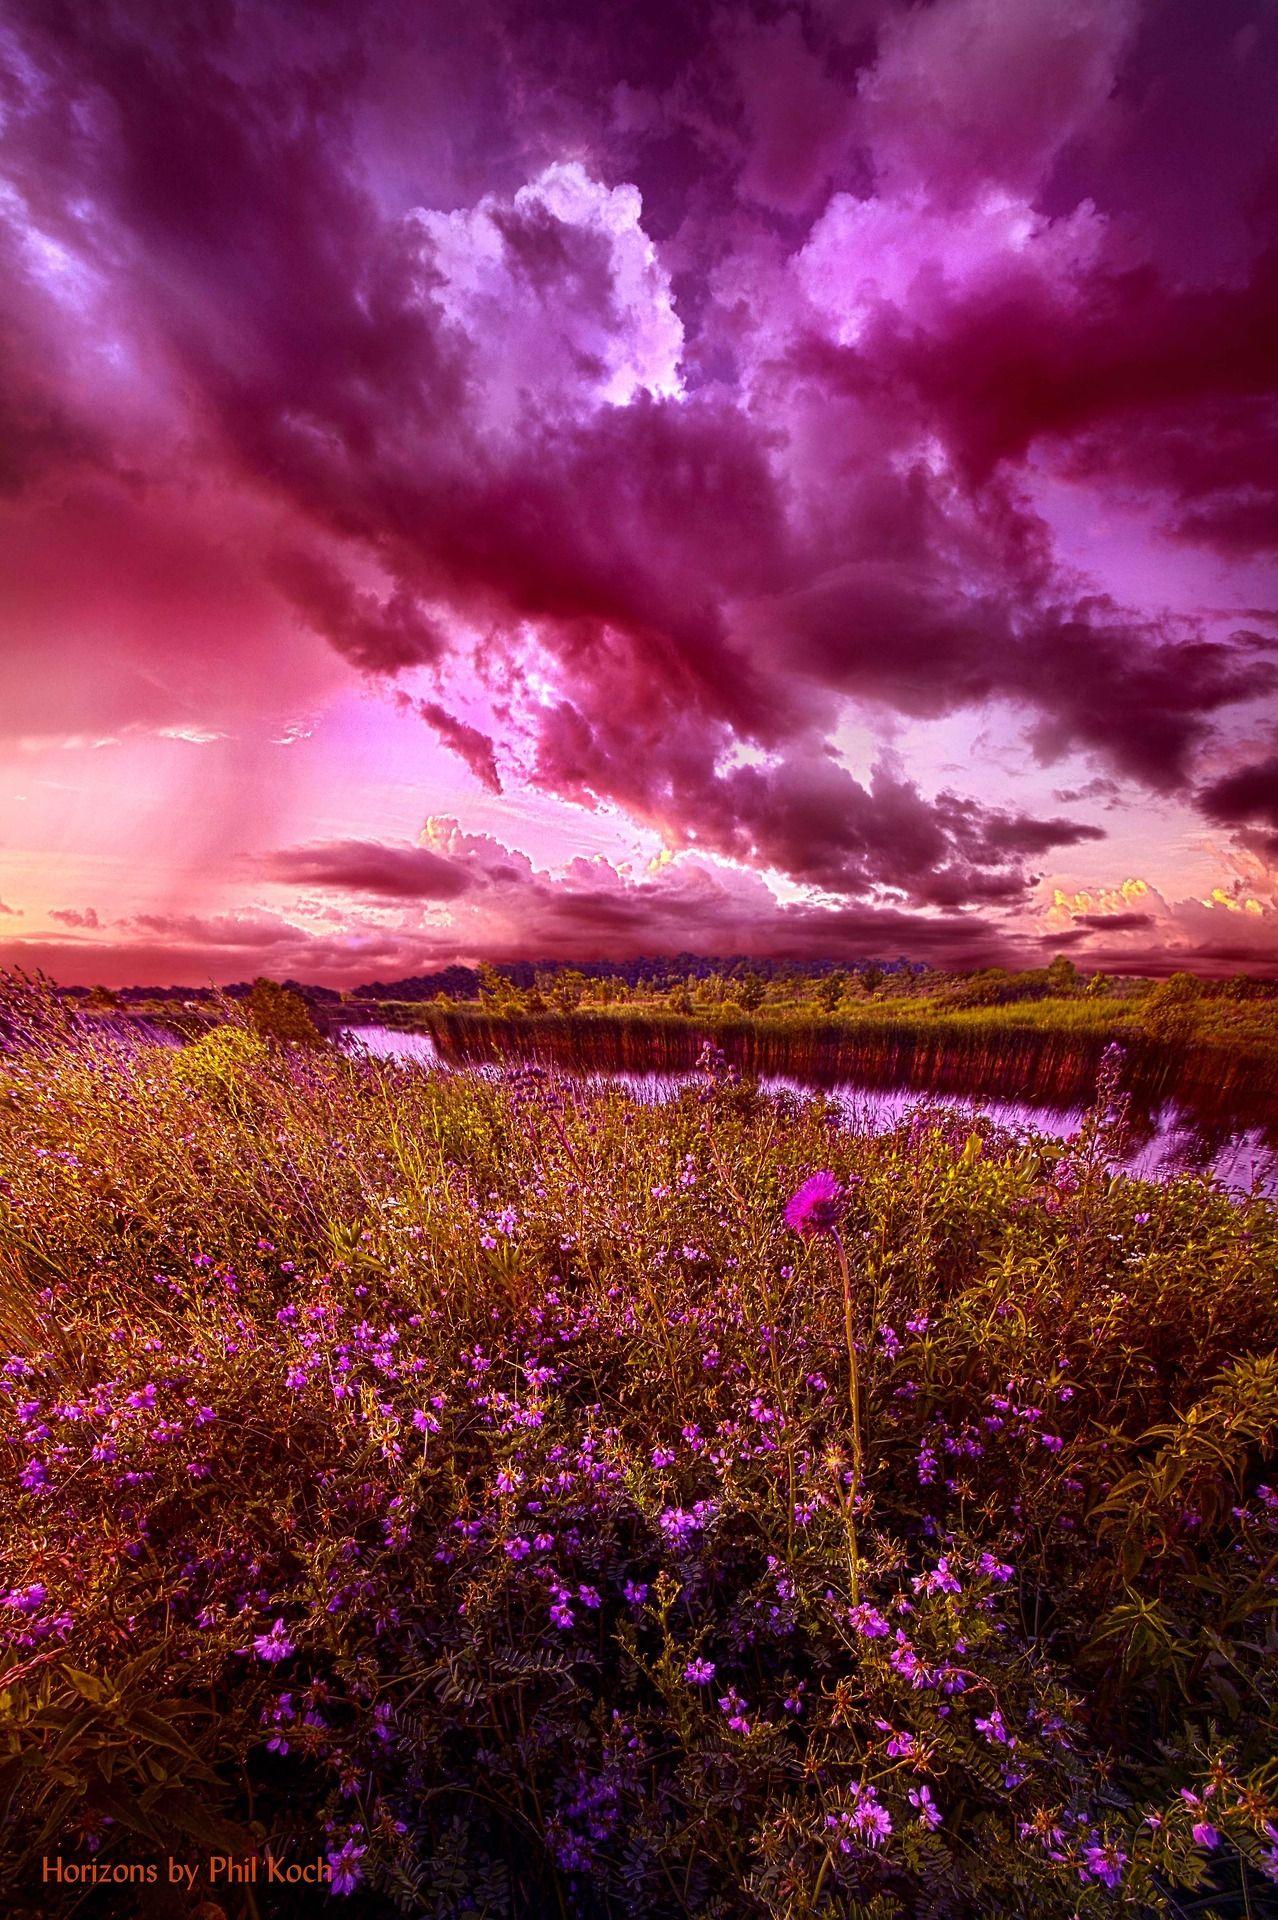 электрики фото с фиолетовым оттенком ещё совсем поздно